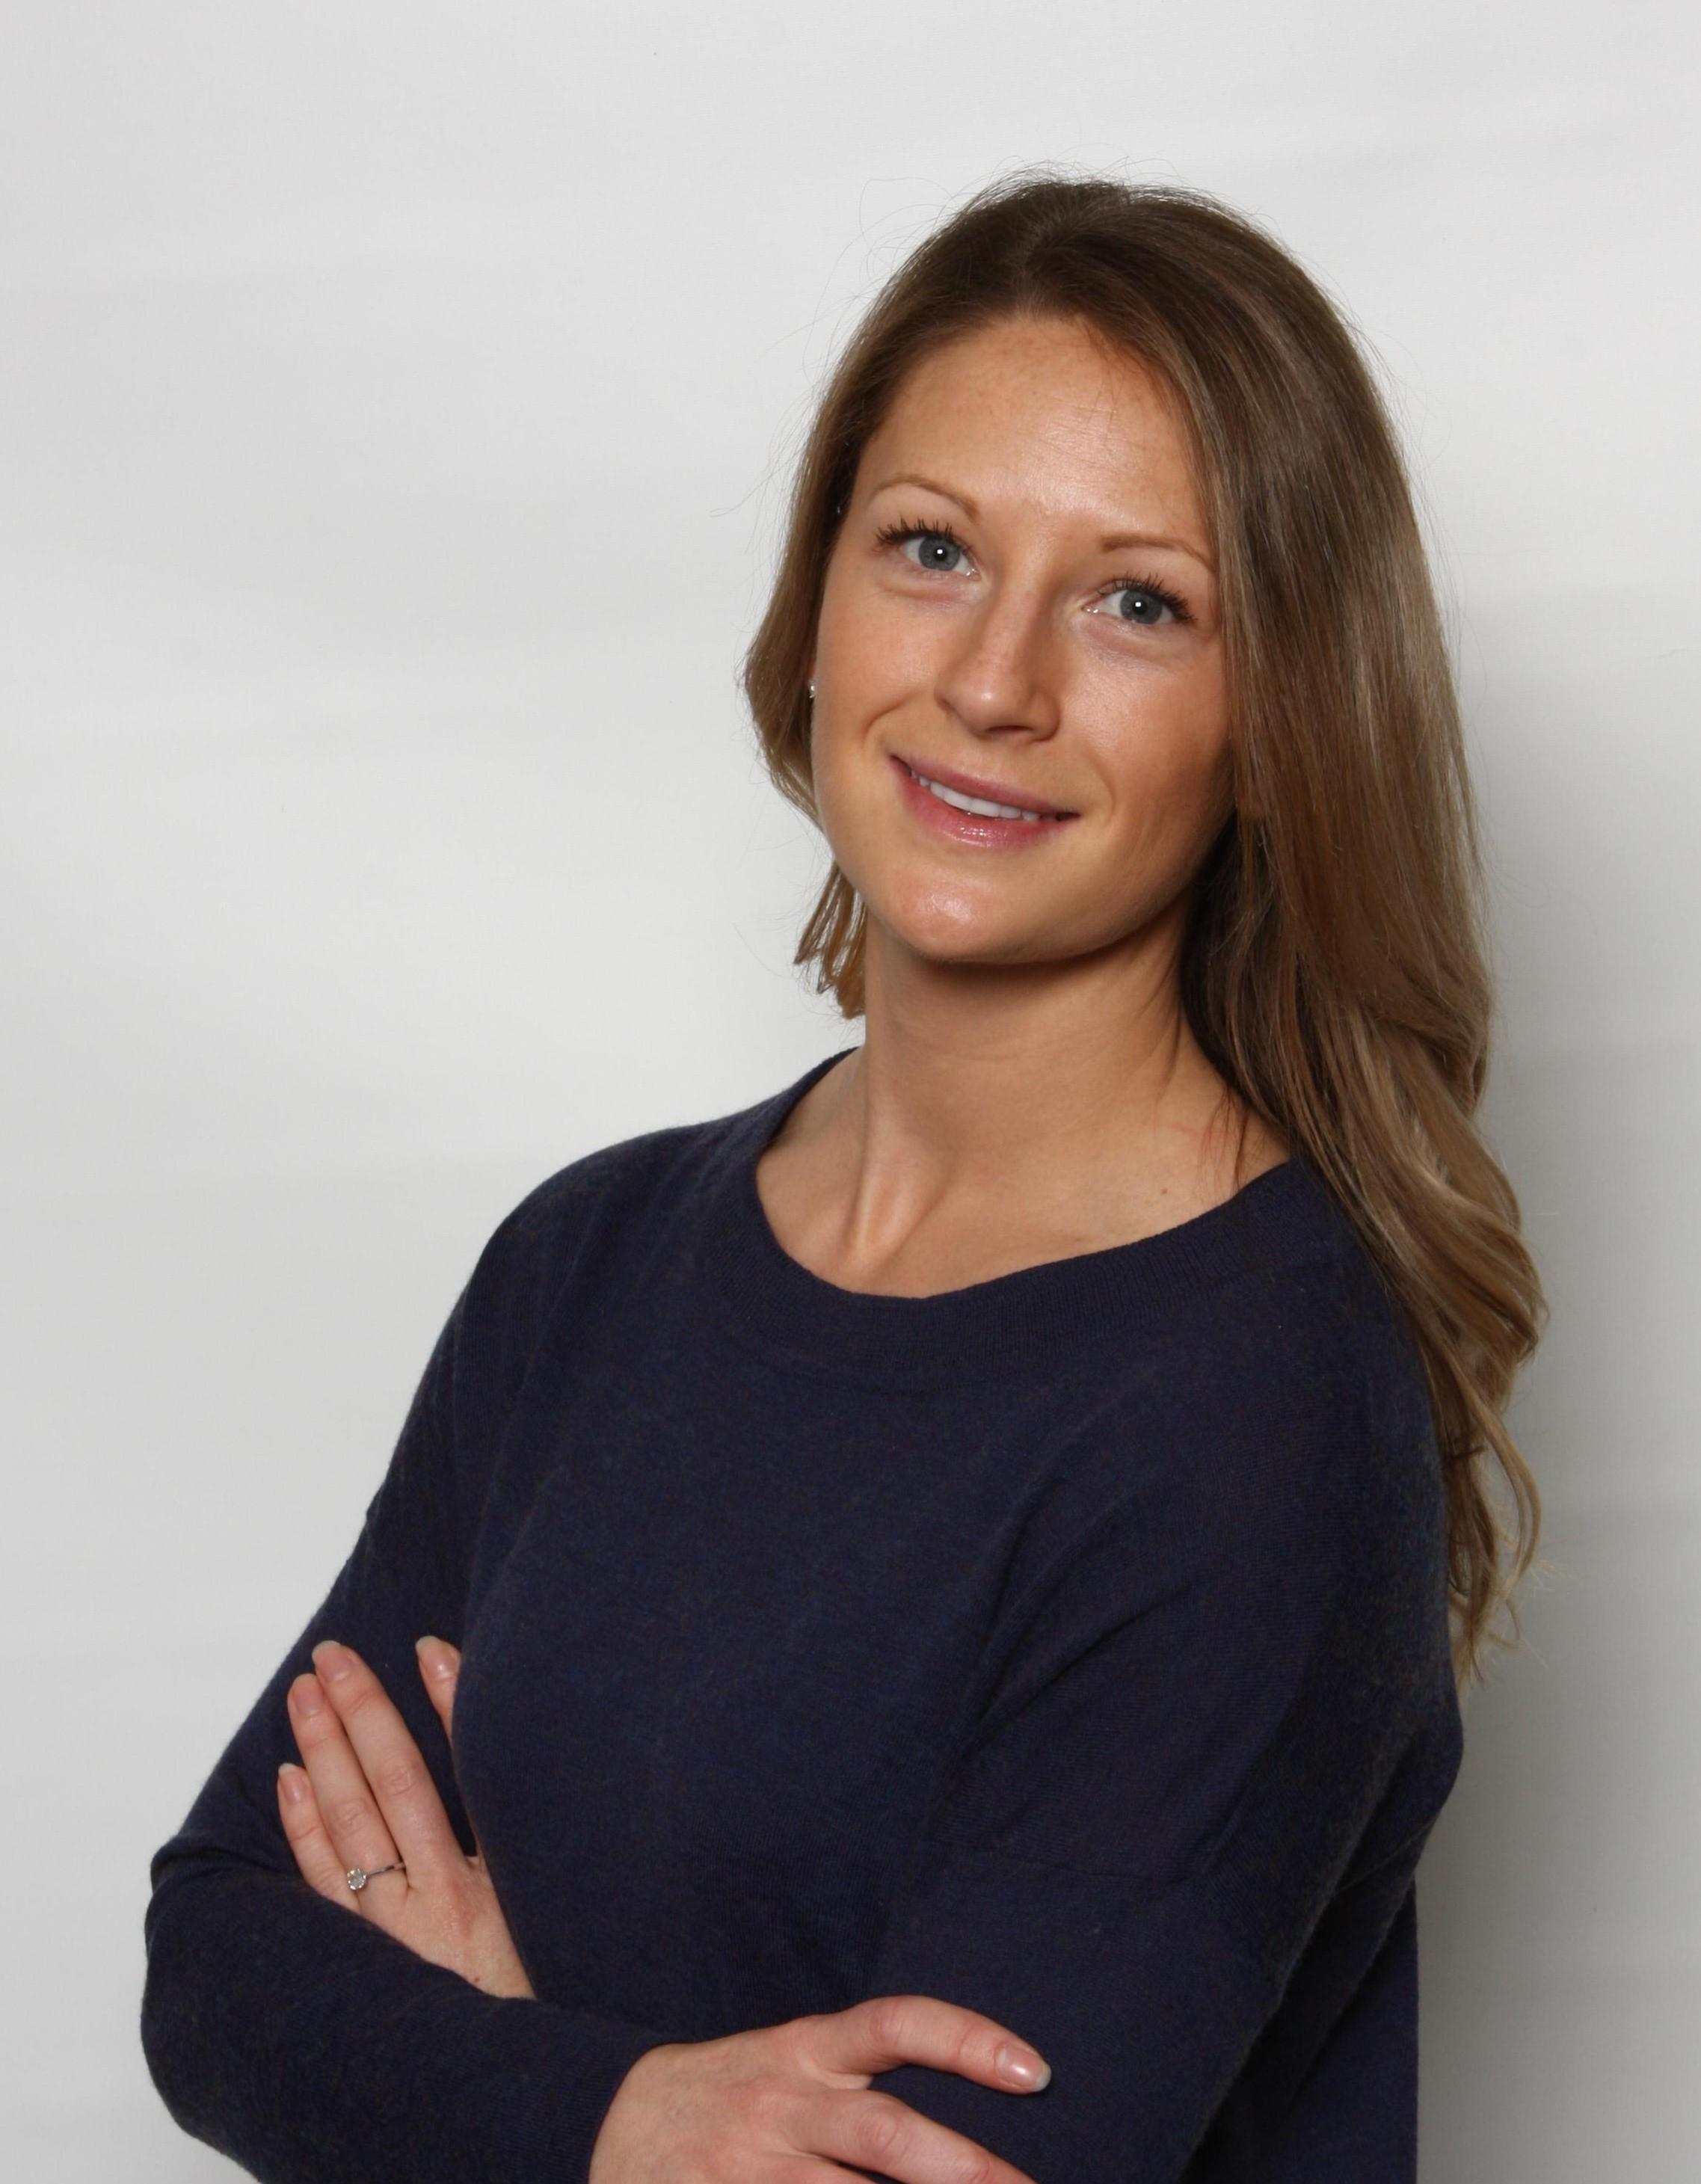 Michelle Hare